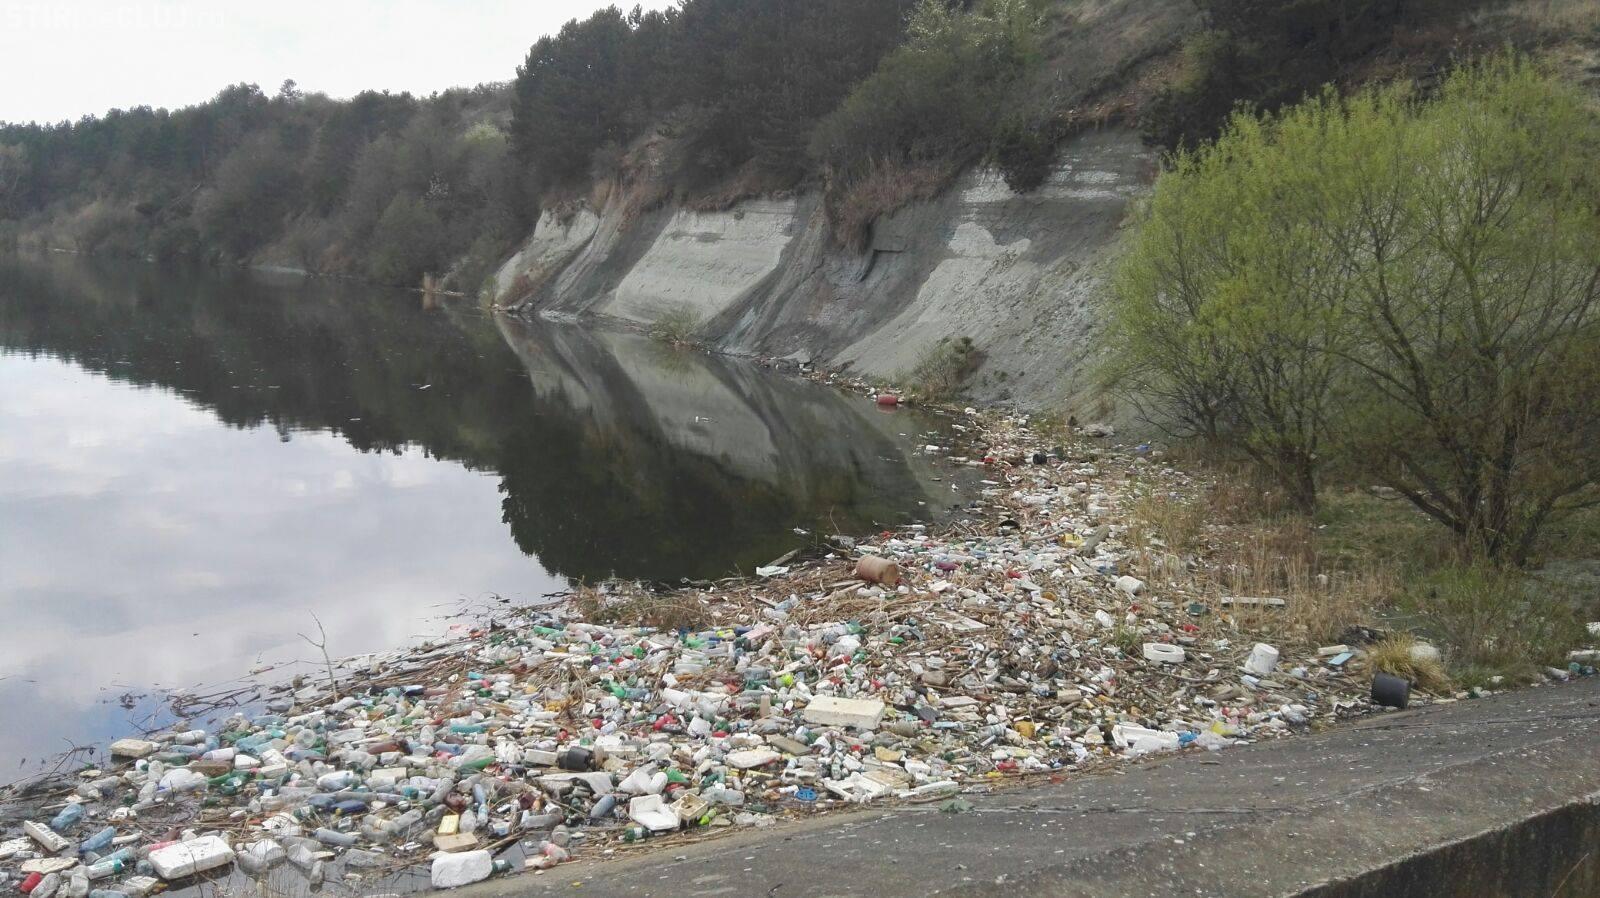 Așa arată răul Someș, la intrare în Florești: Cabanele din zona de munte sunt un pericol ecologic  - FOTO